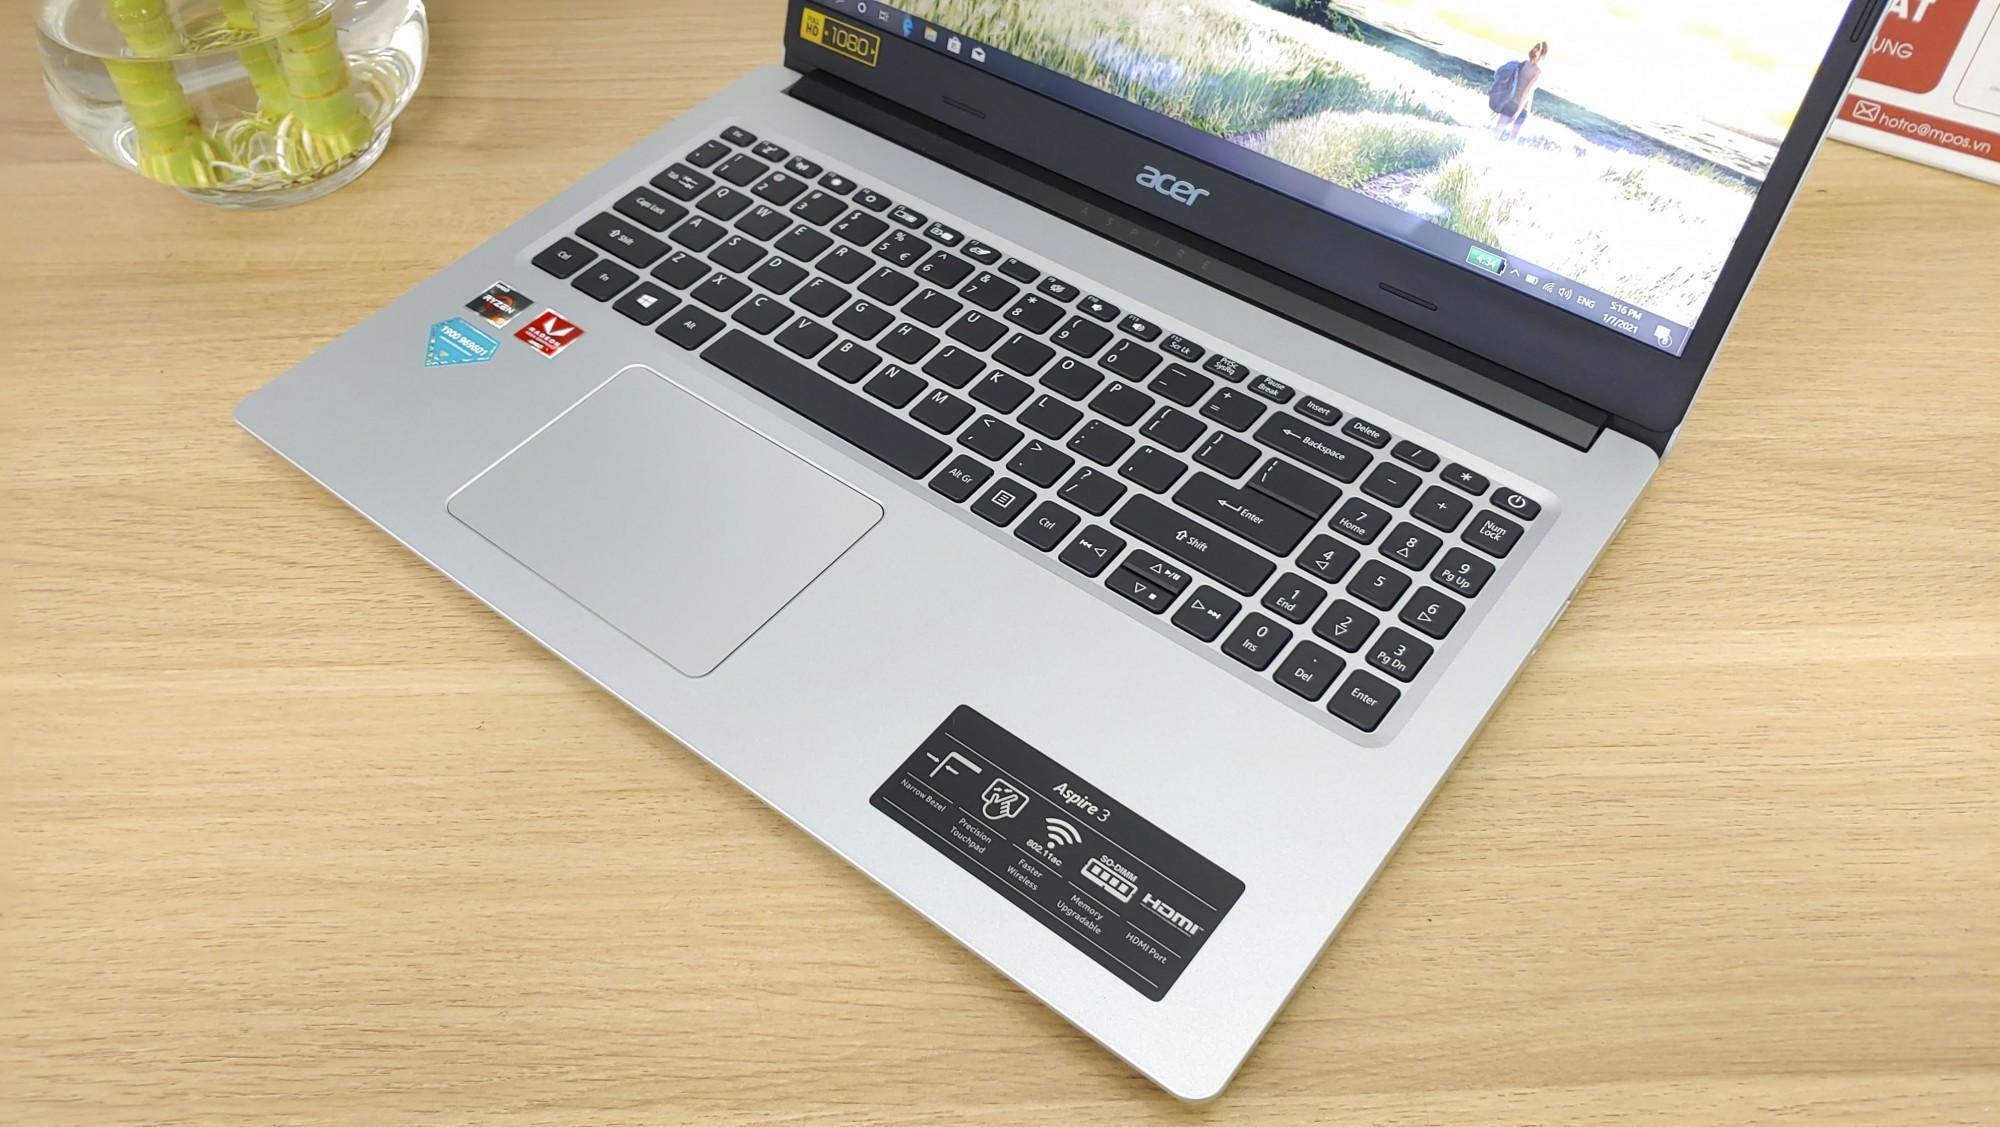 Acer Aspire A315-23G